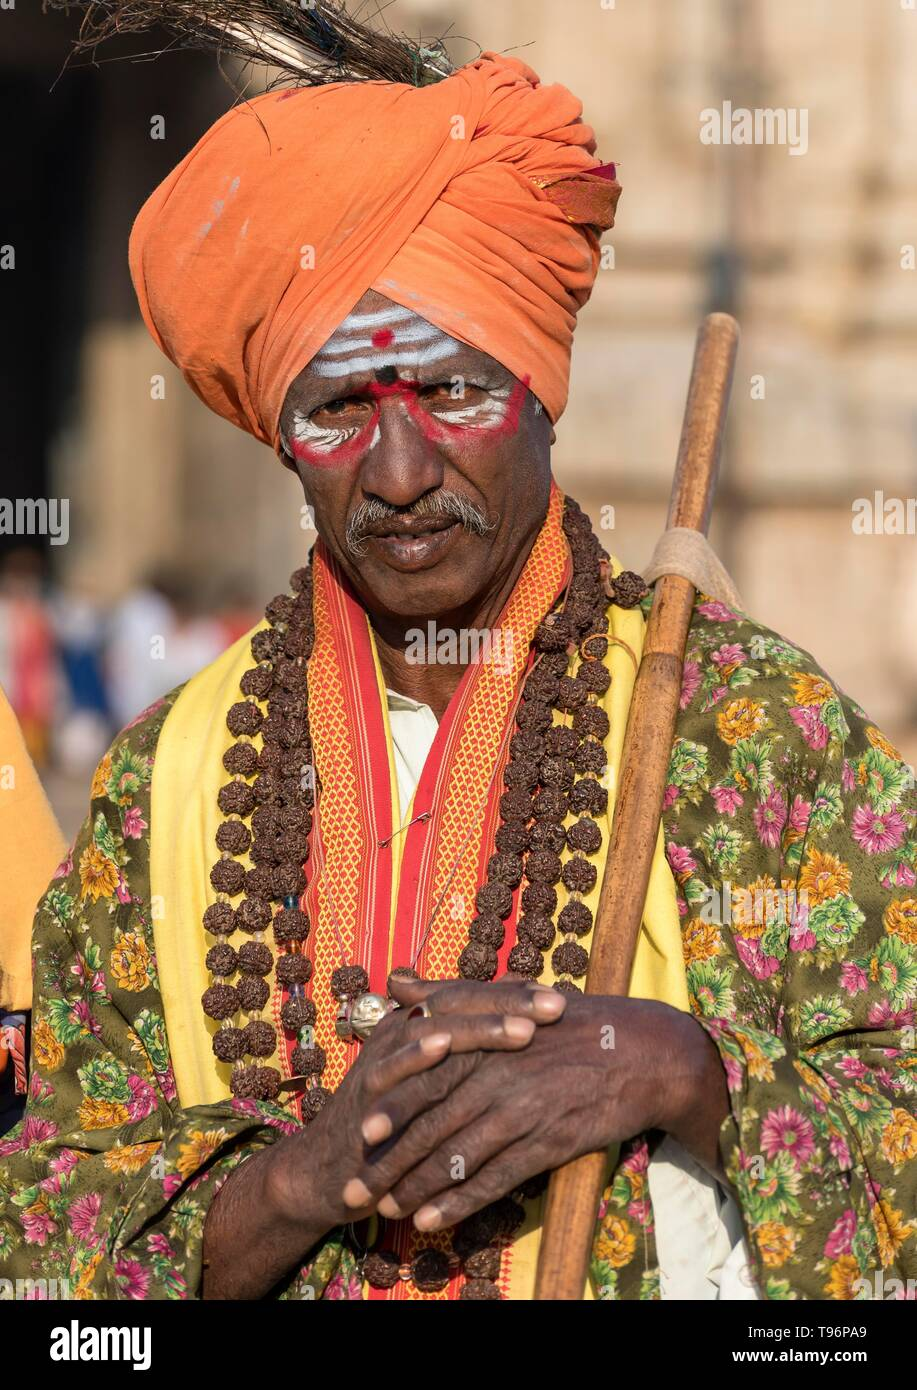 Portrait of a Sadhu holy man, Hampi, India - Stock Image